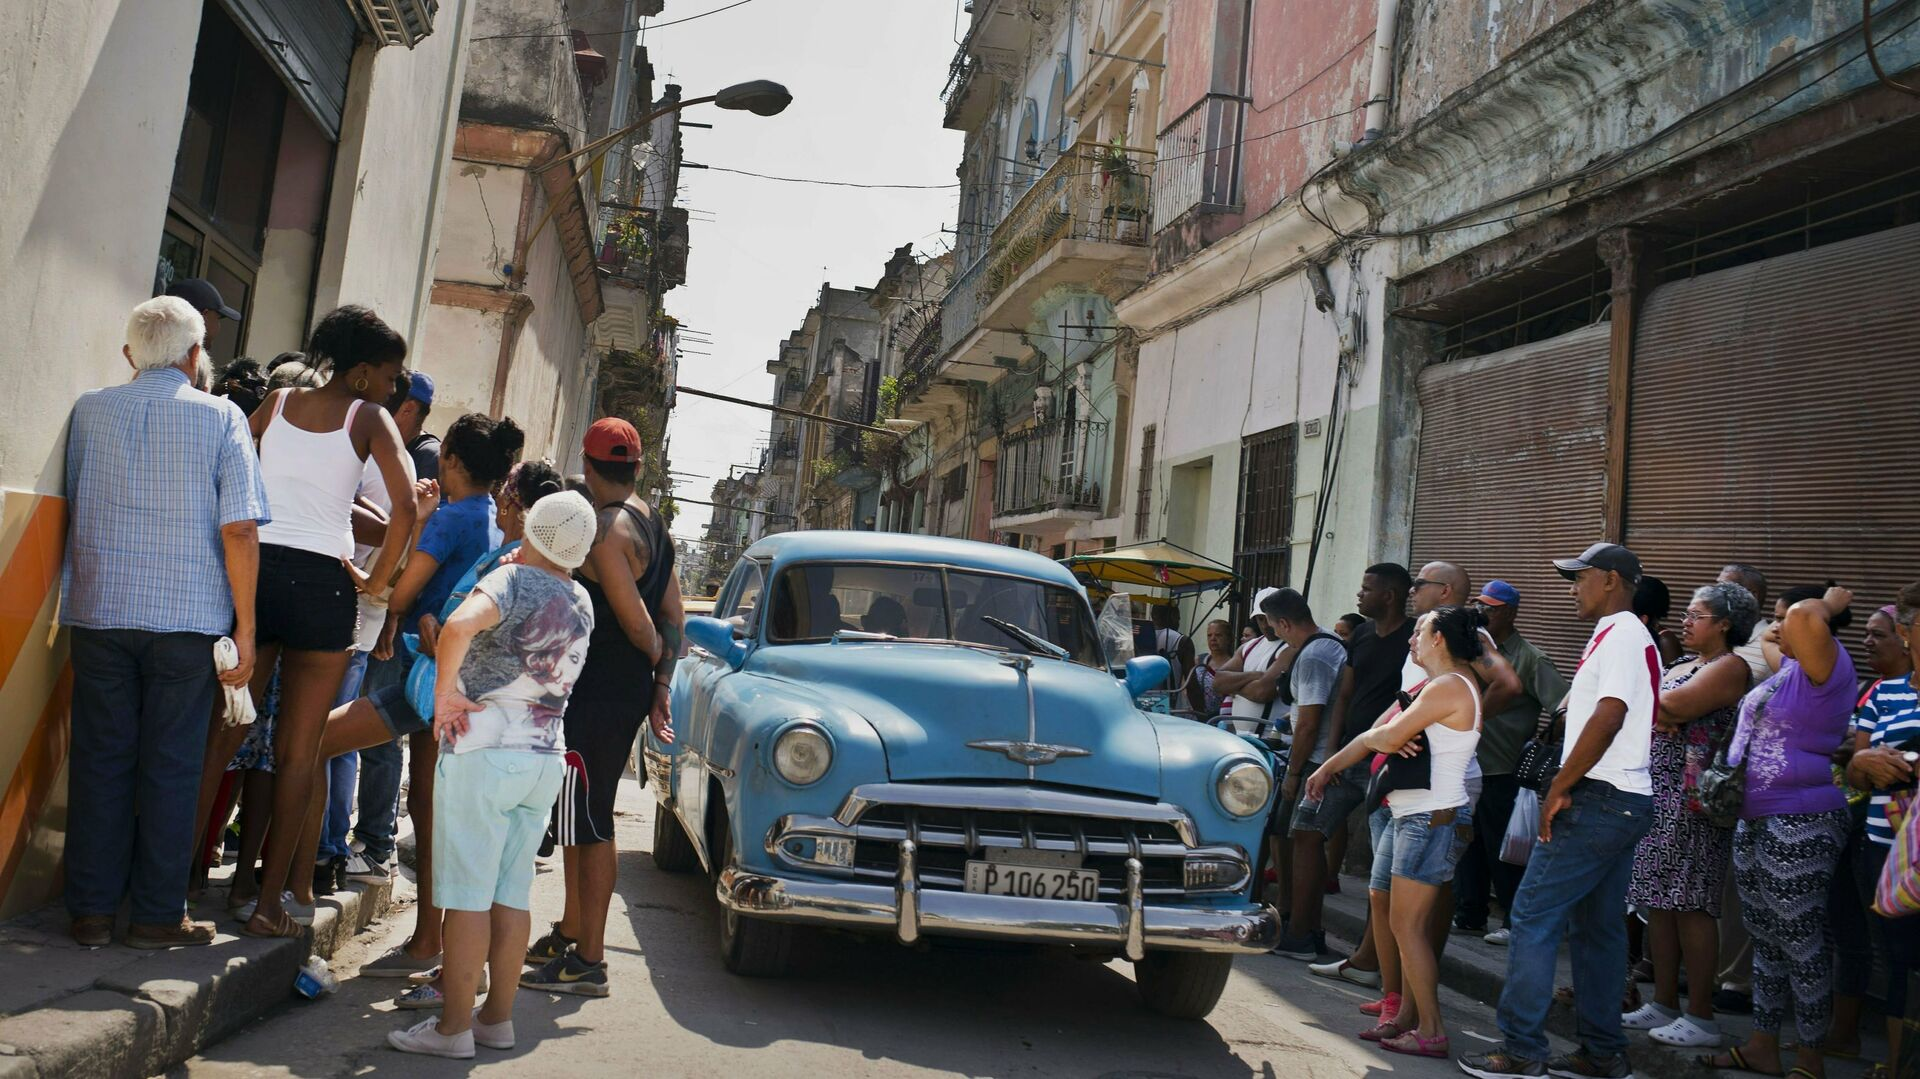 Un automóvil 'almendrón' en Cuba - Sputnik Mundo, 1920, 22.07.2021